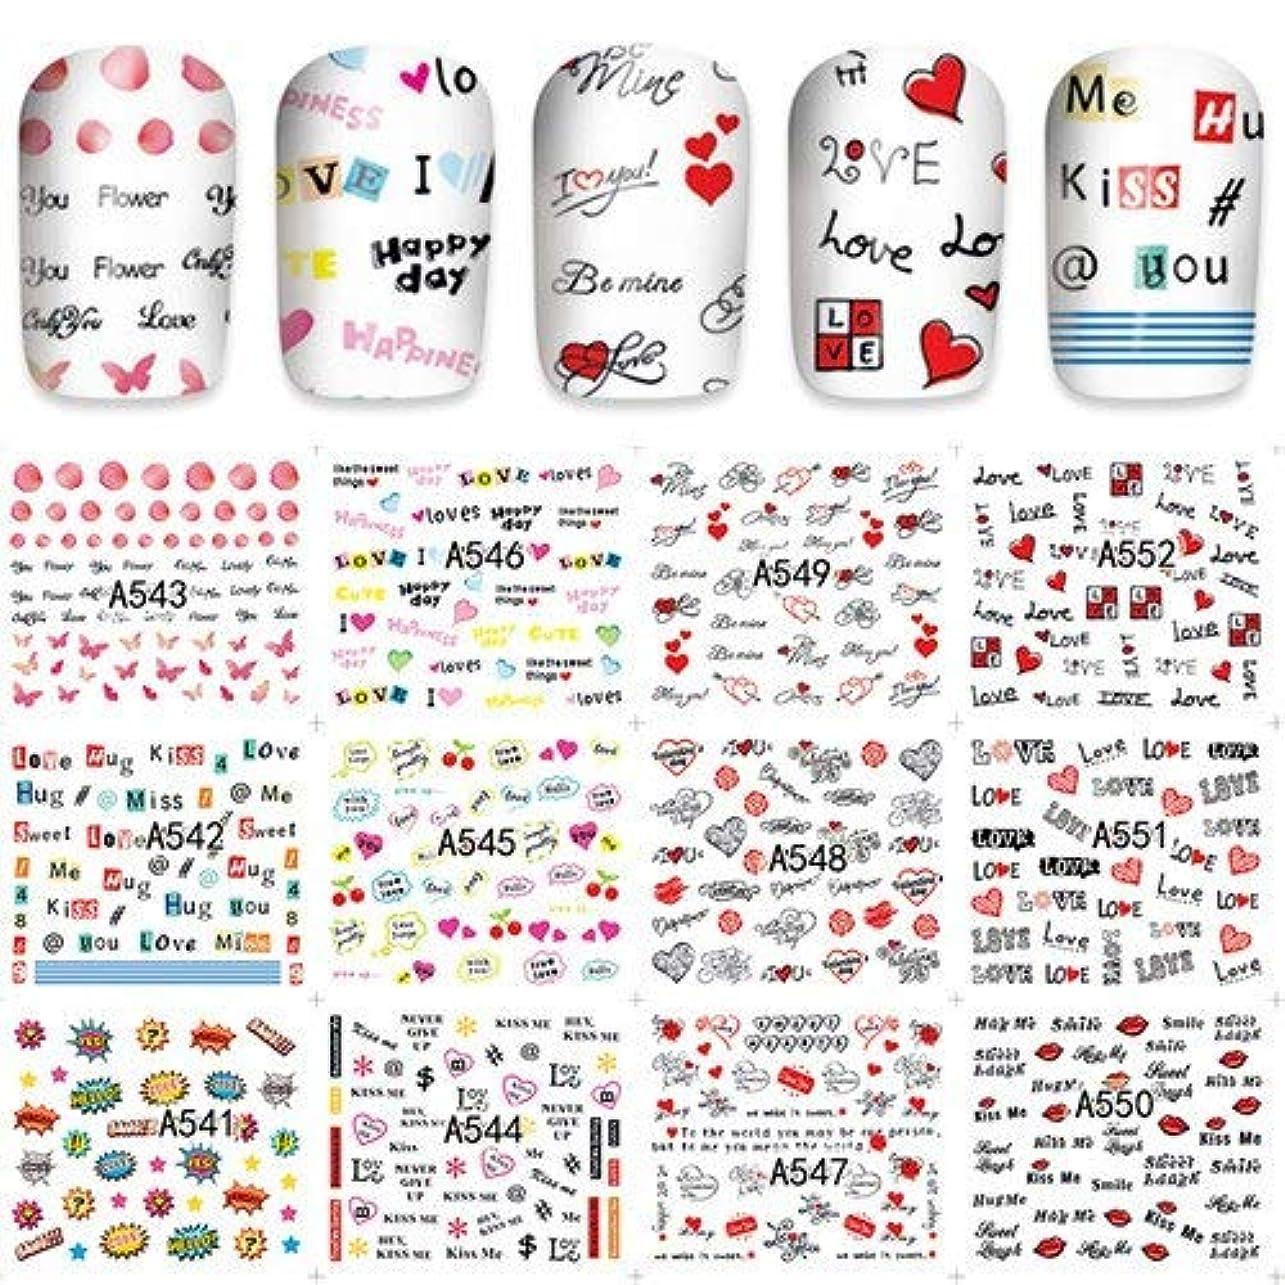 ましい店主空洞SUKTI&XIAO ネイルステッカー 12ピースブラックレース/手紙/素敵な漫画パターン水ネイルアートステッカーデカール用美容